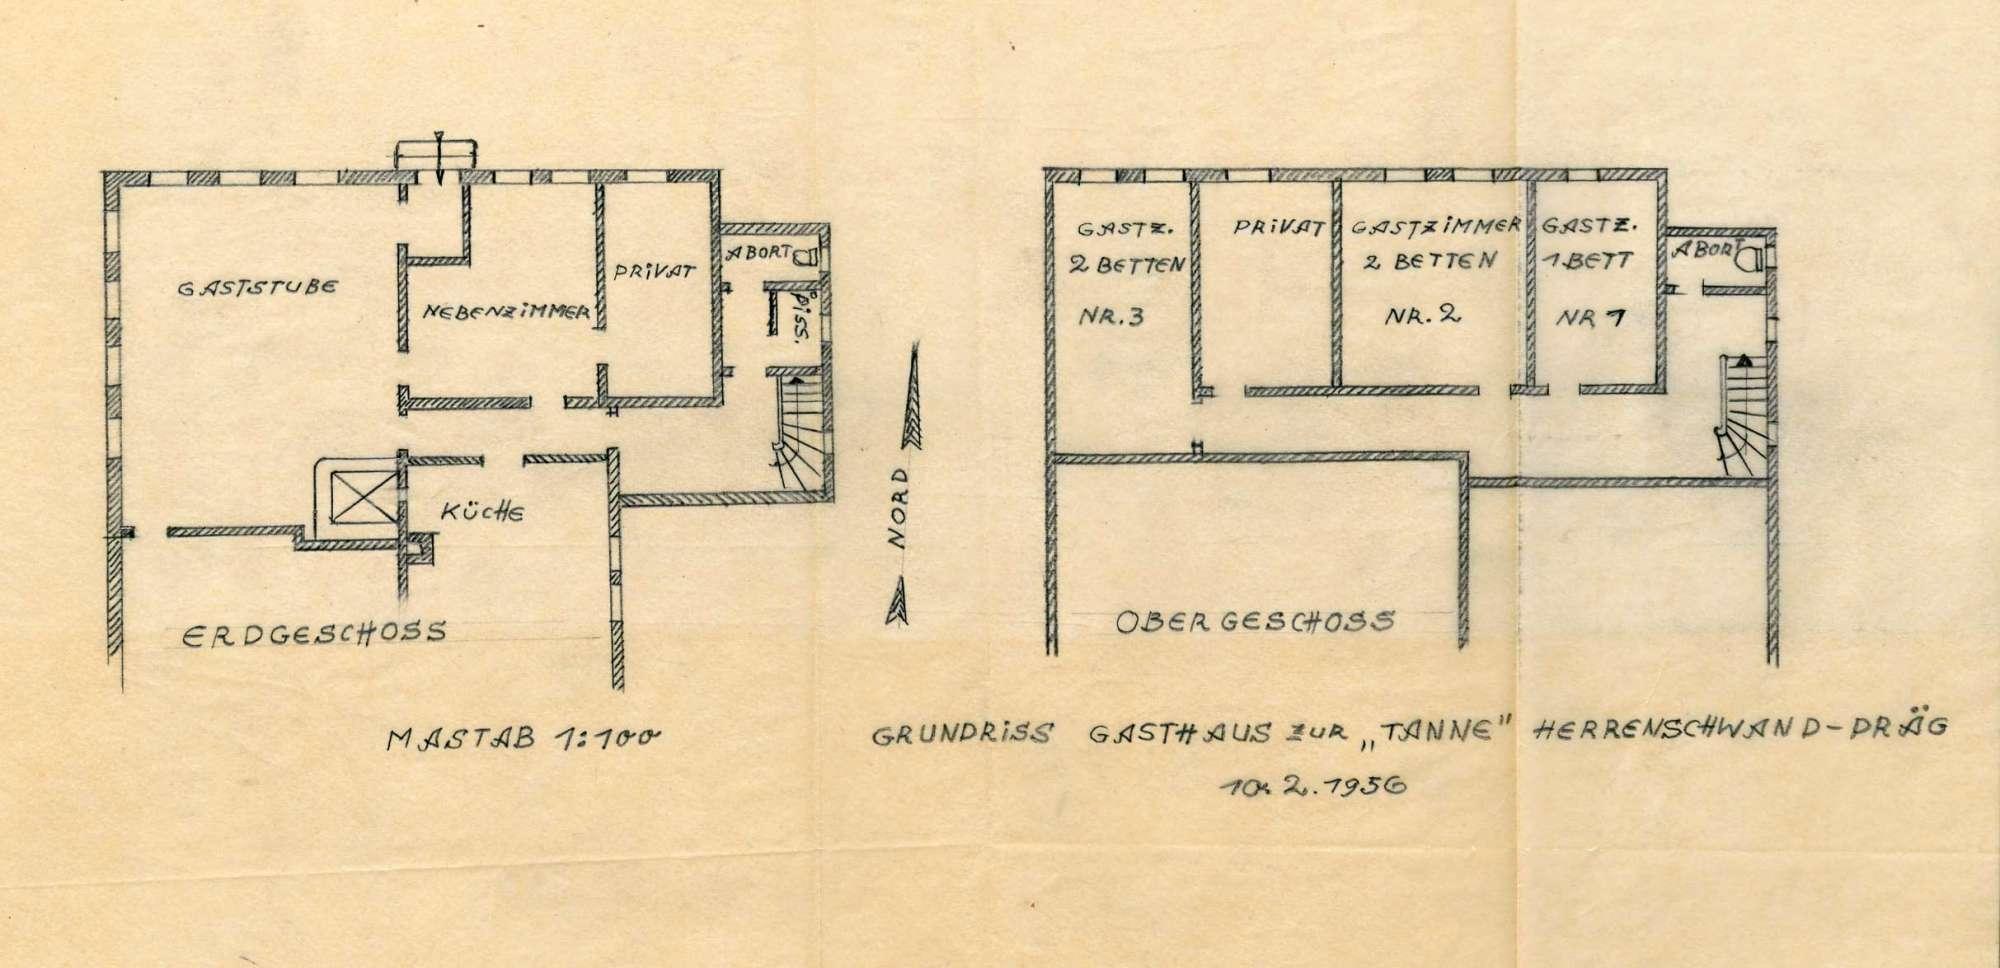 Verleihung der Wirtschaftskonzession für das Gasthaus Zum Tannenbaum, jetzt Zur Tanne, in Herrenschwand, Bild 1